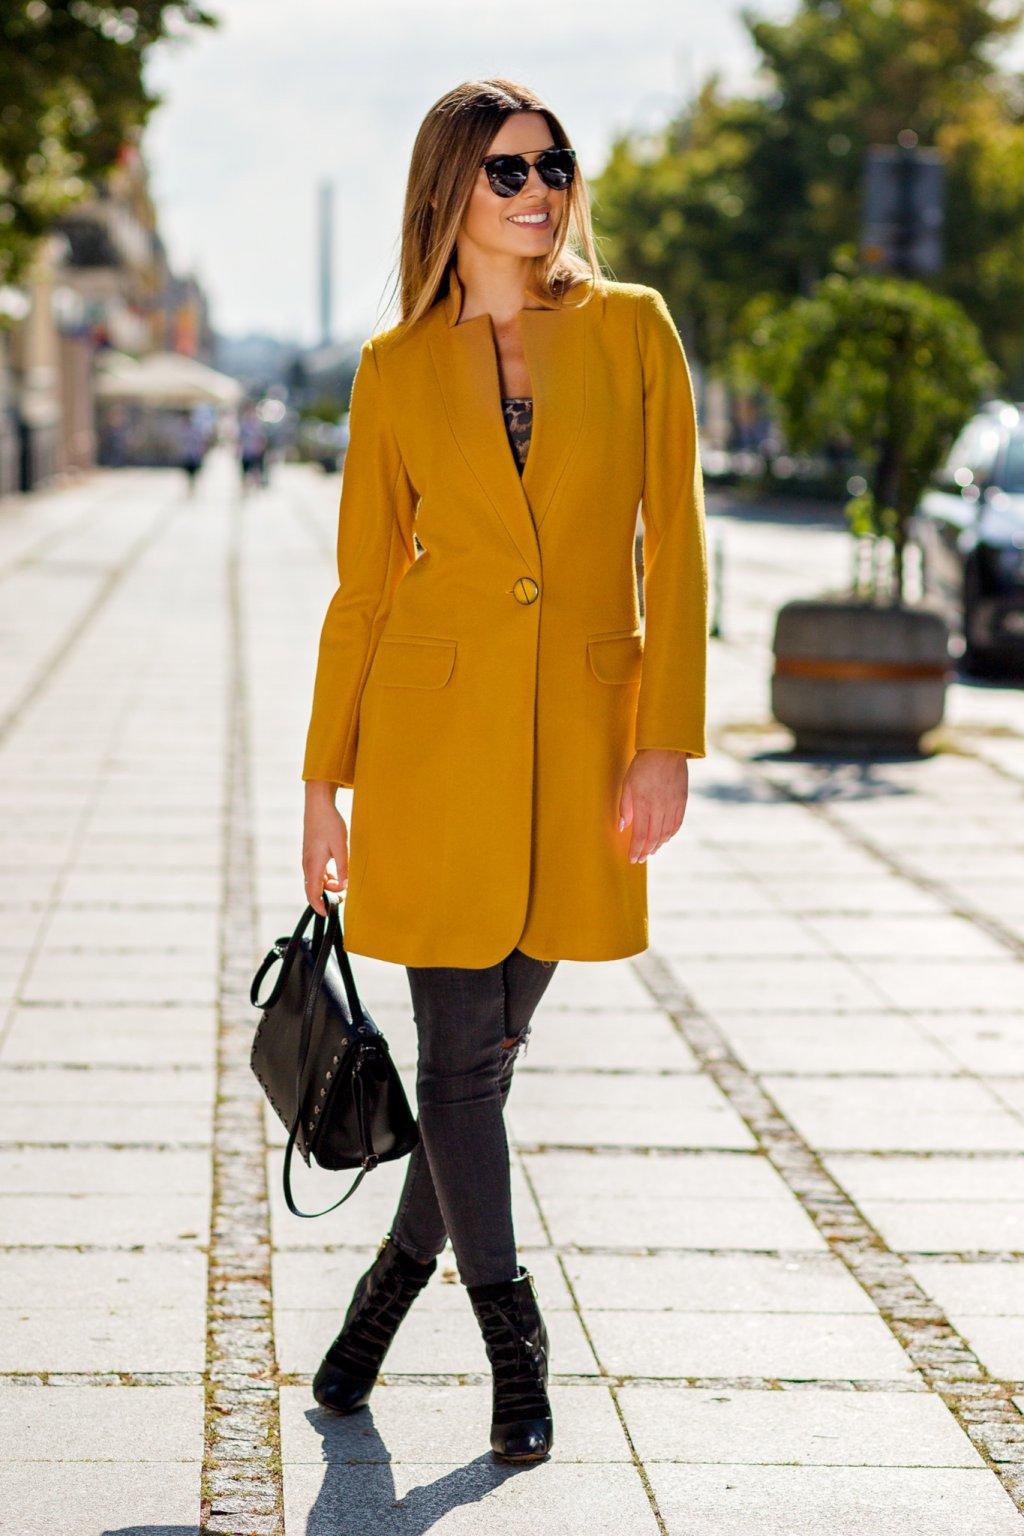 Dámsky prechodný kabát 7905 muškátovo žltý